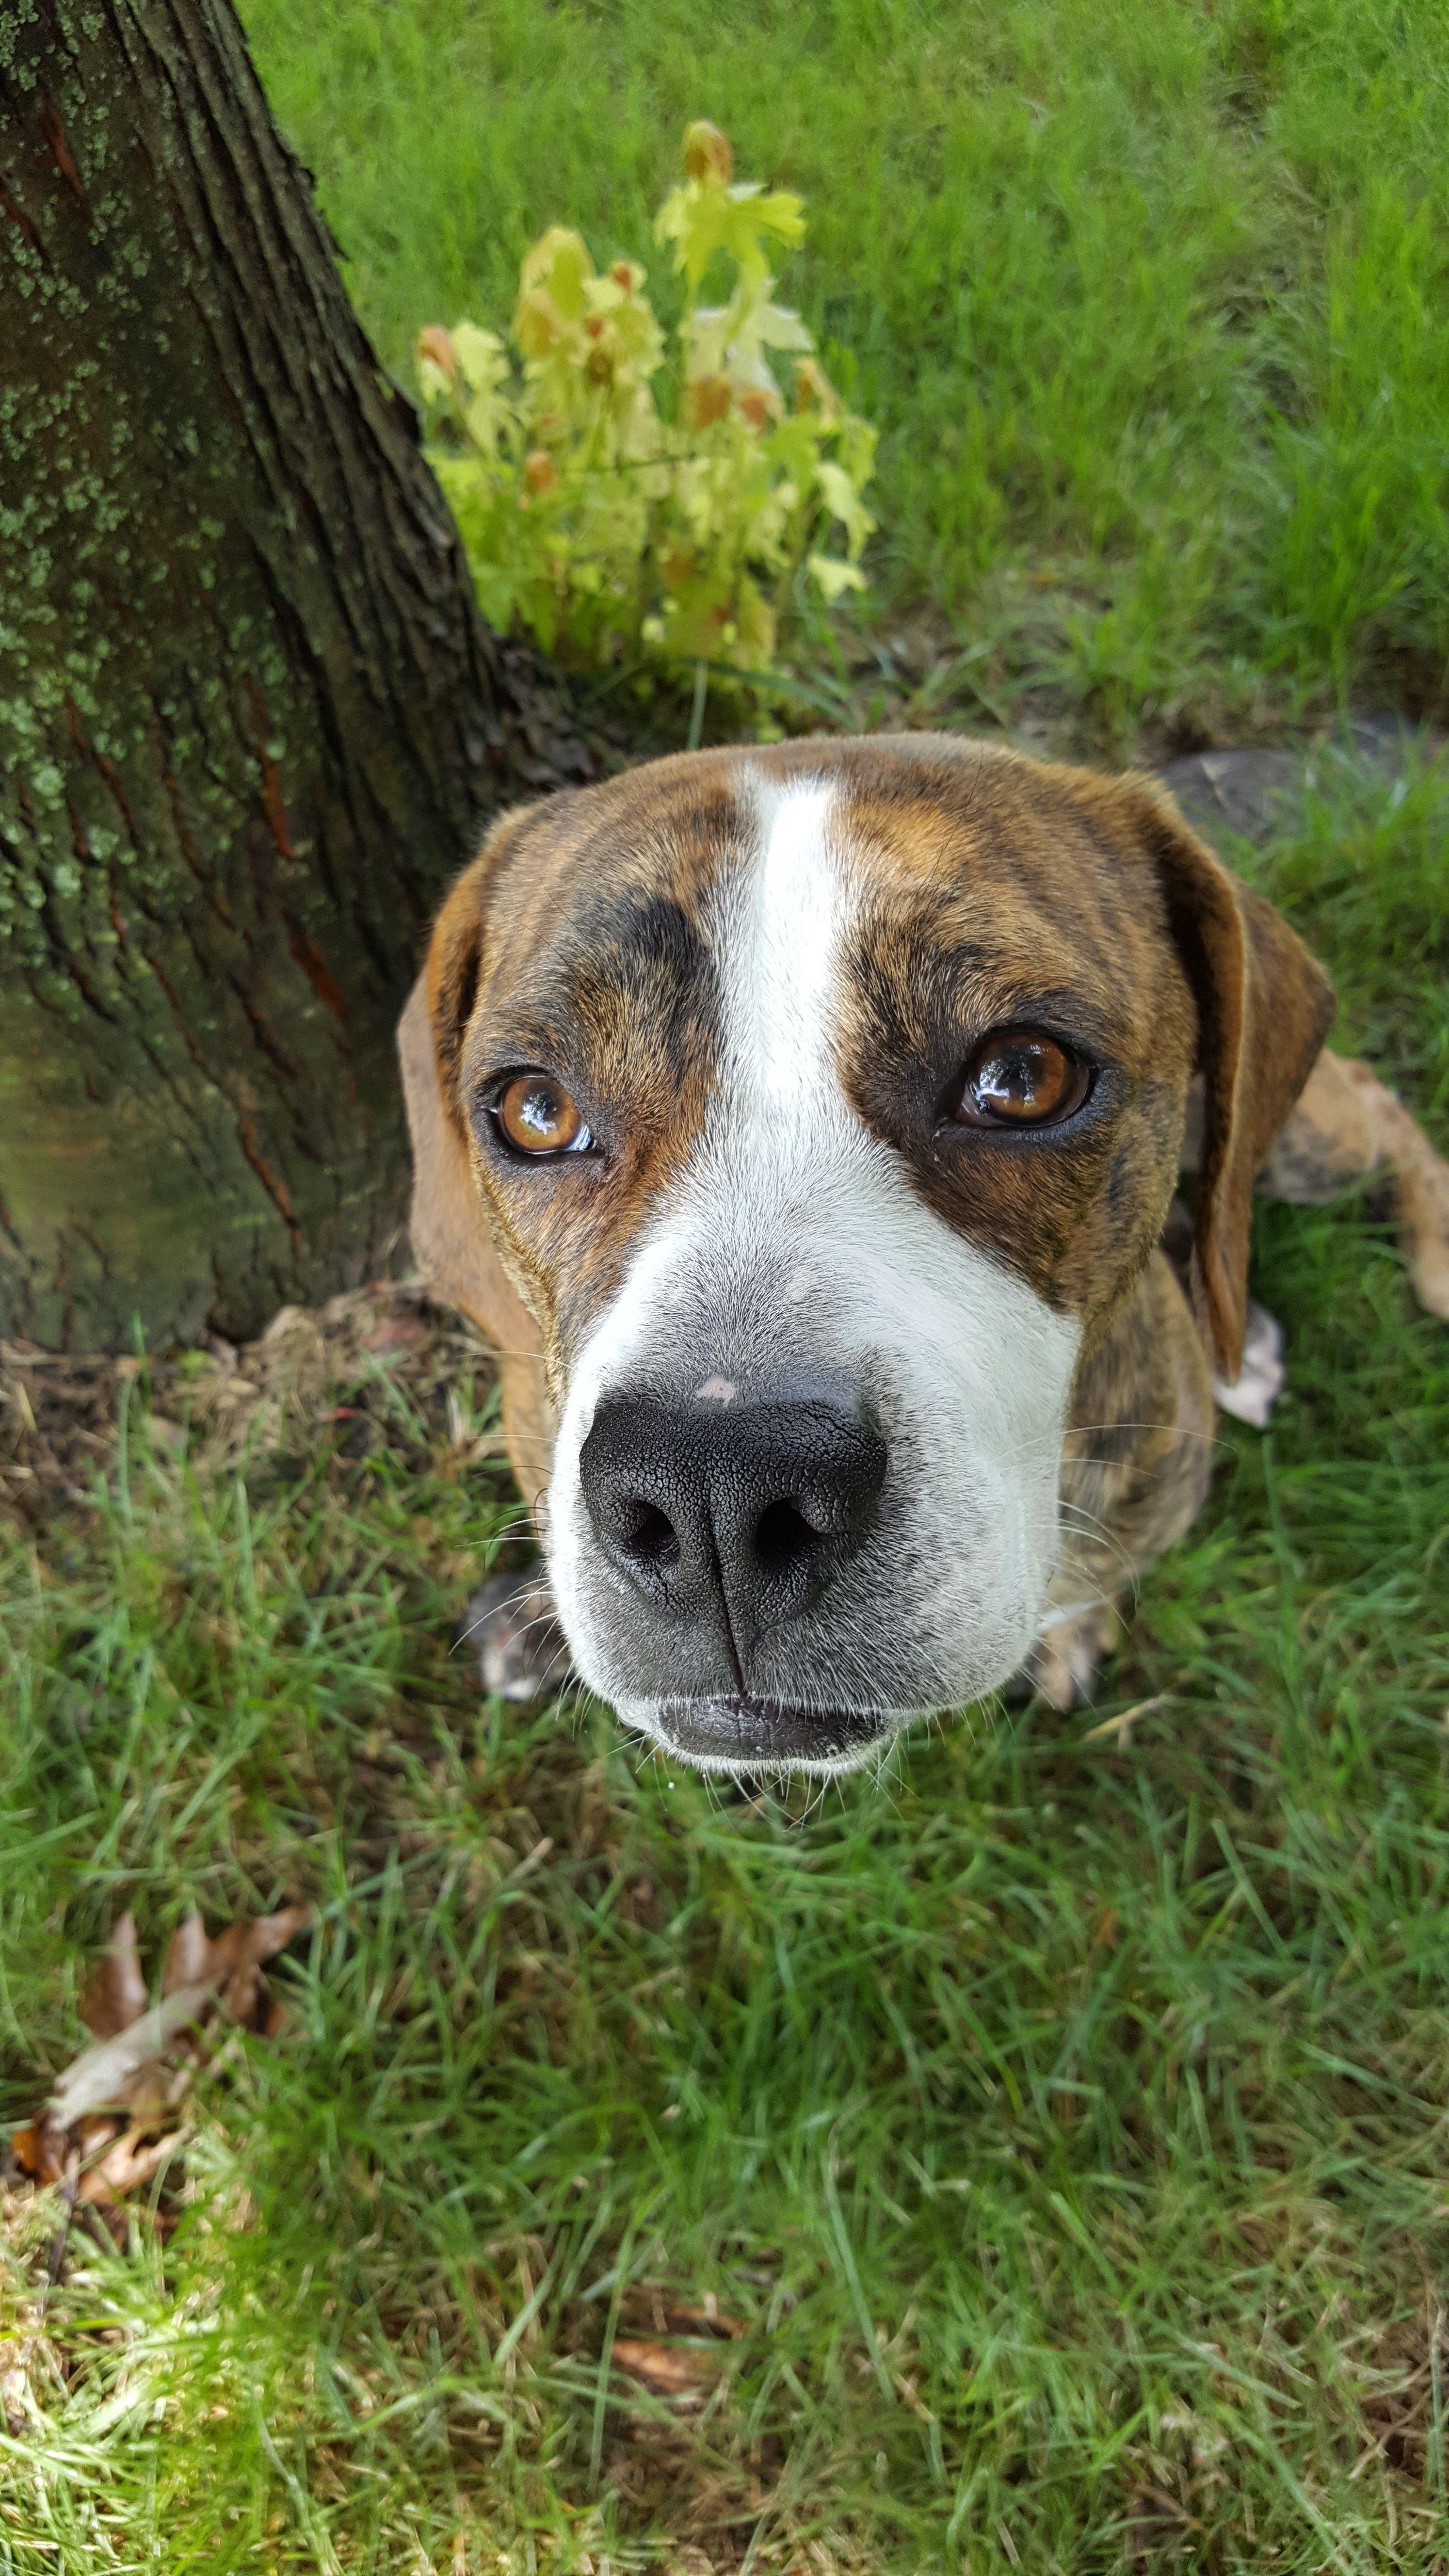 Beabull dog for Adoption in Brooklyn Center, MN. ADN